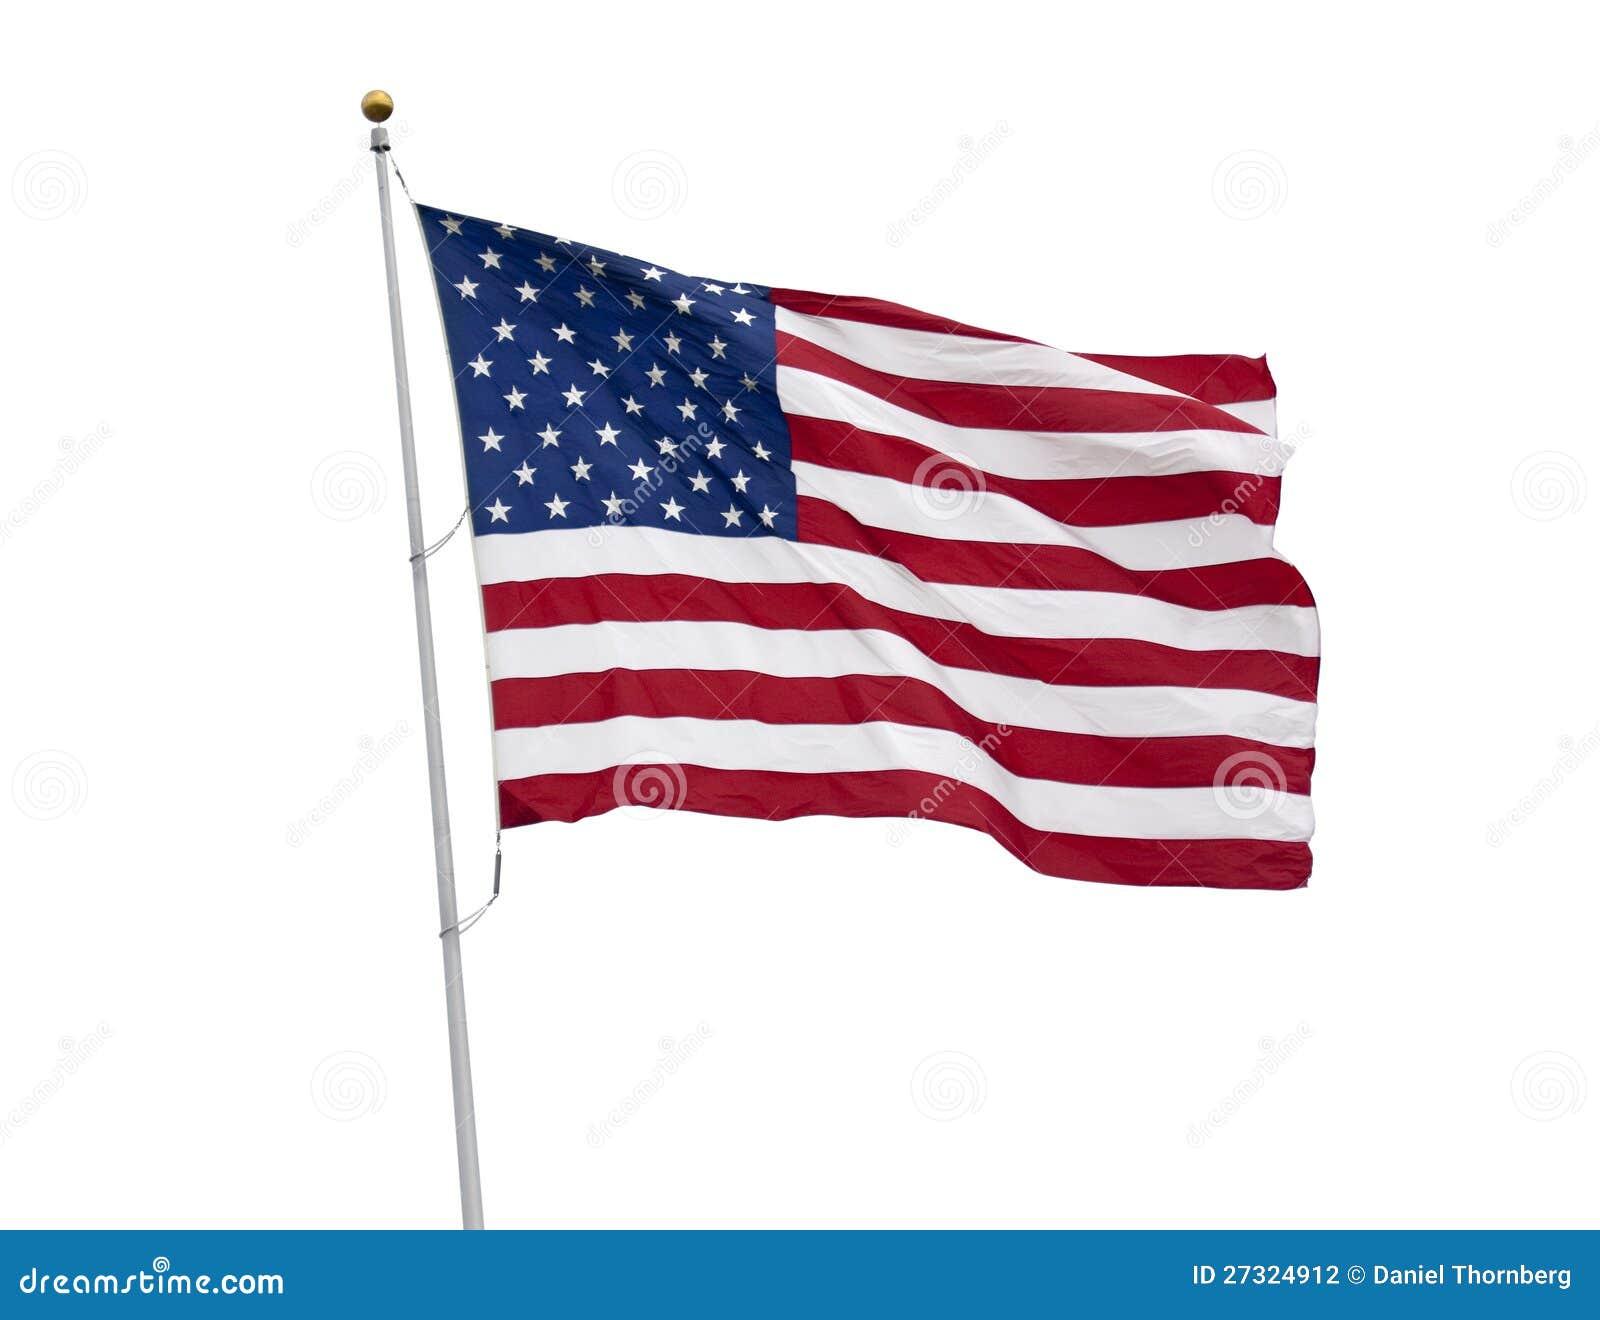 Amerikanska flaggan som isoleras på white med clippingbanan